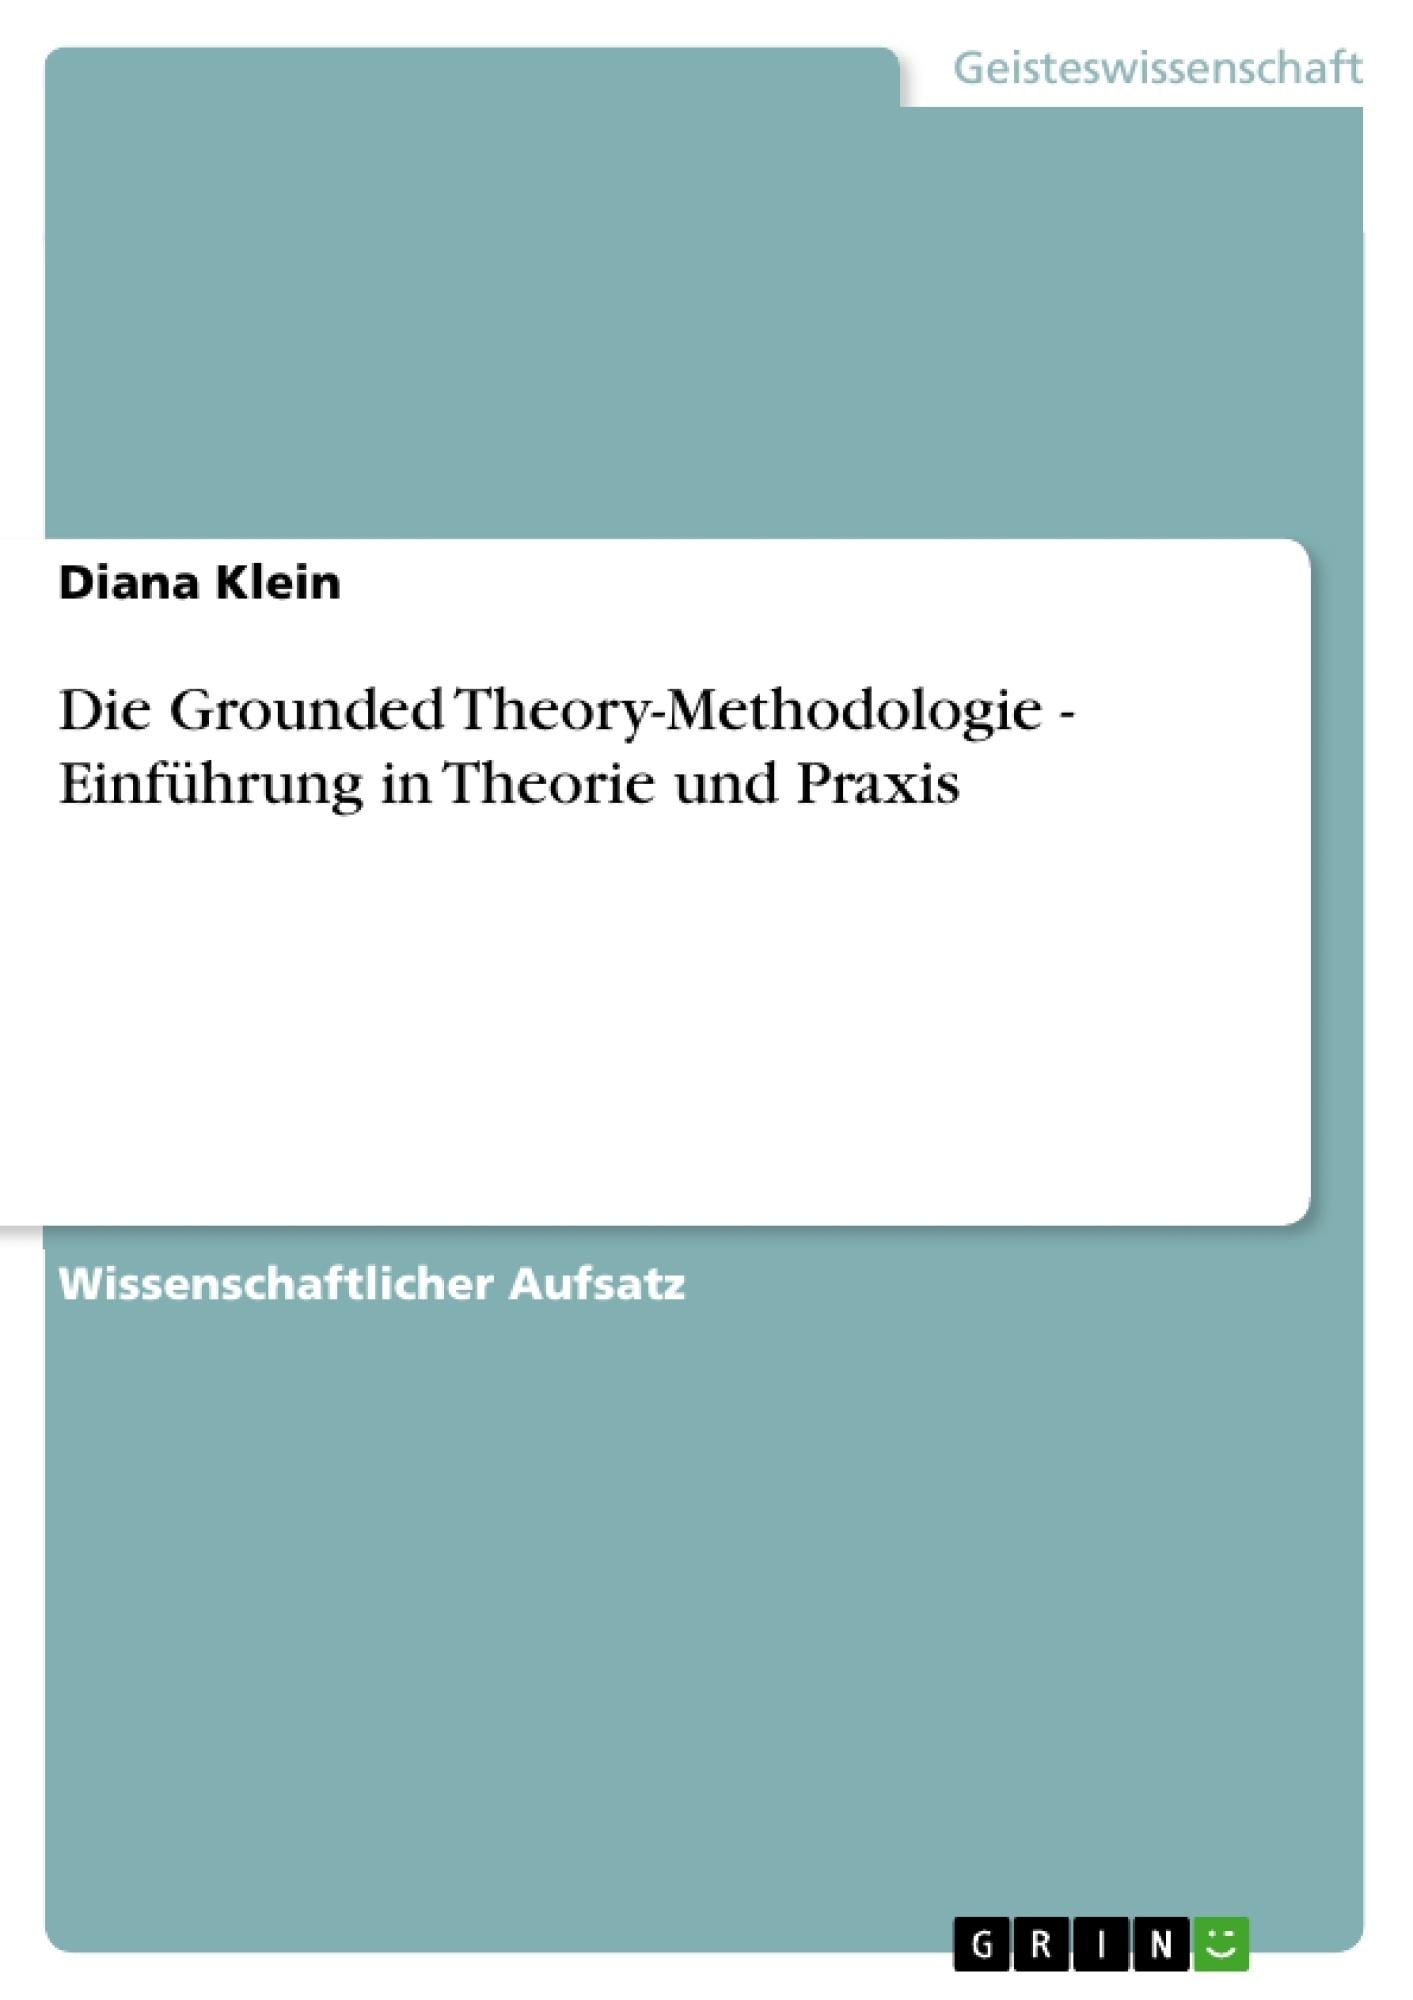 Titel: Die Grounded Theory-Methodologie - Einführung in Theorie und Praxis